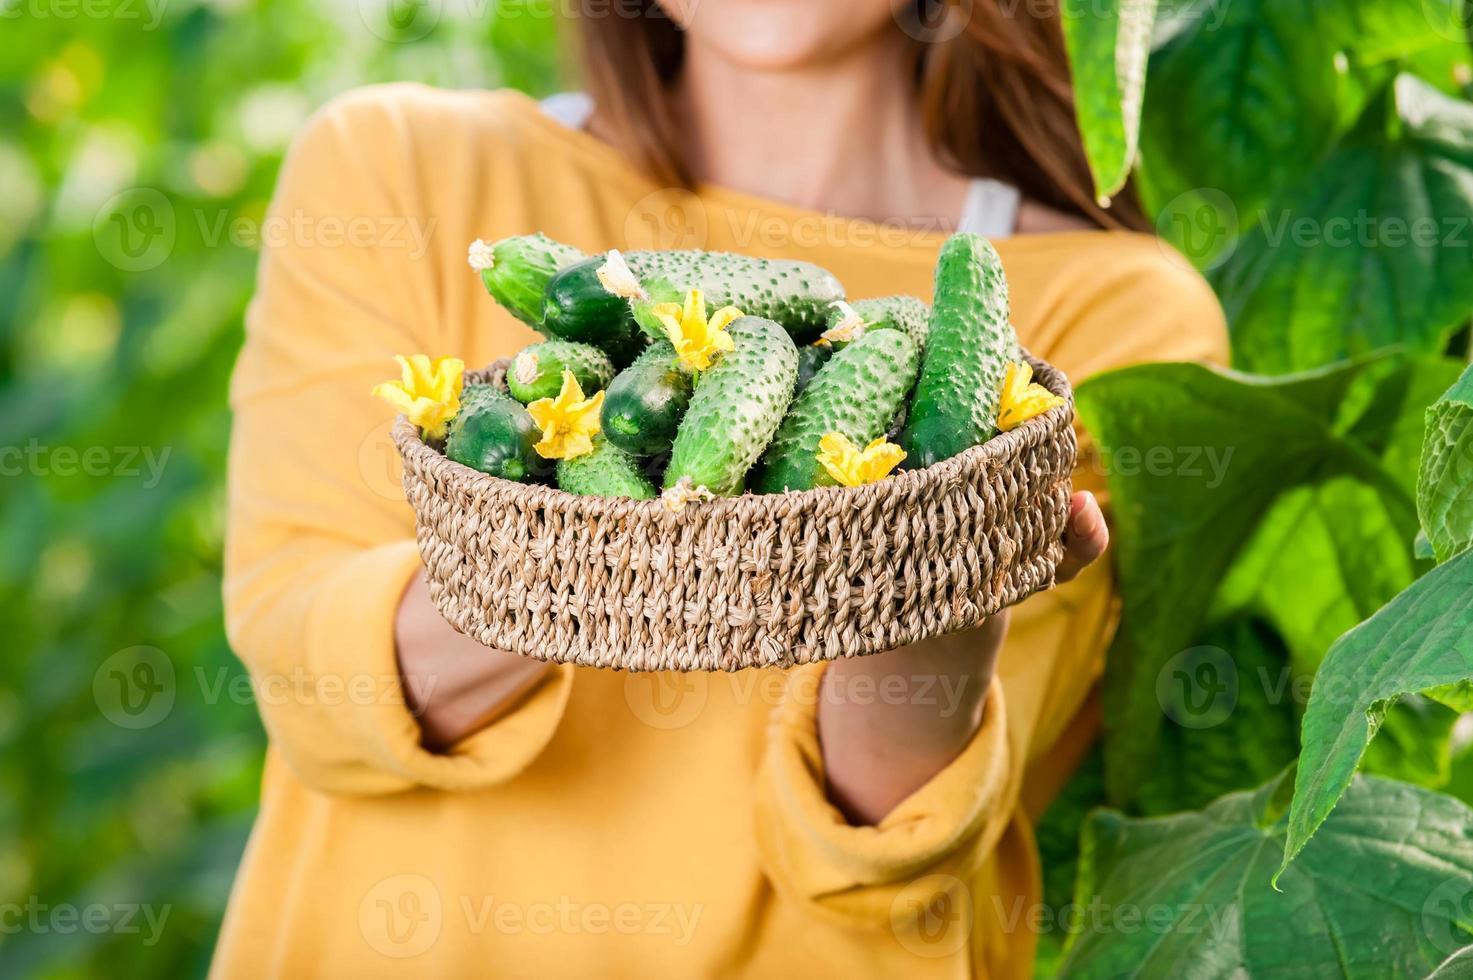 jeune femme tenant un panier plein de concombres frais photo